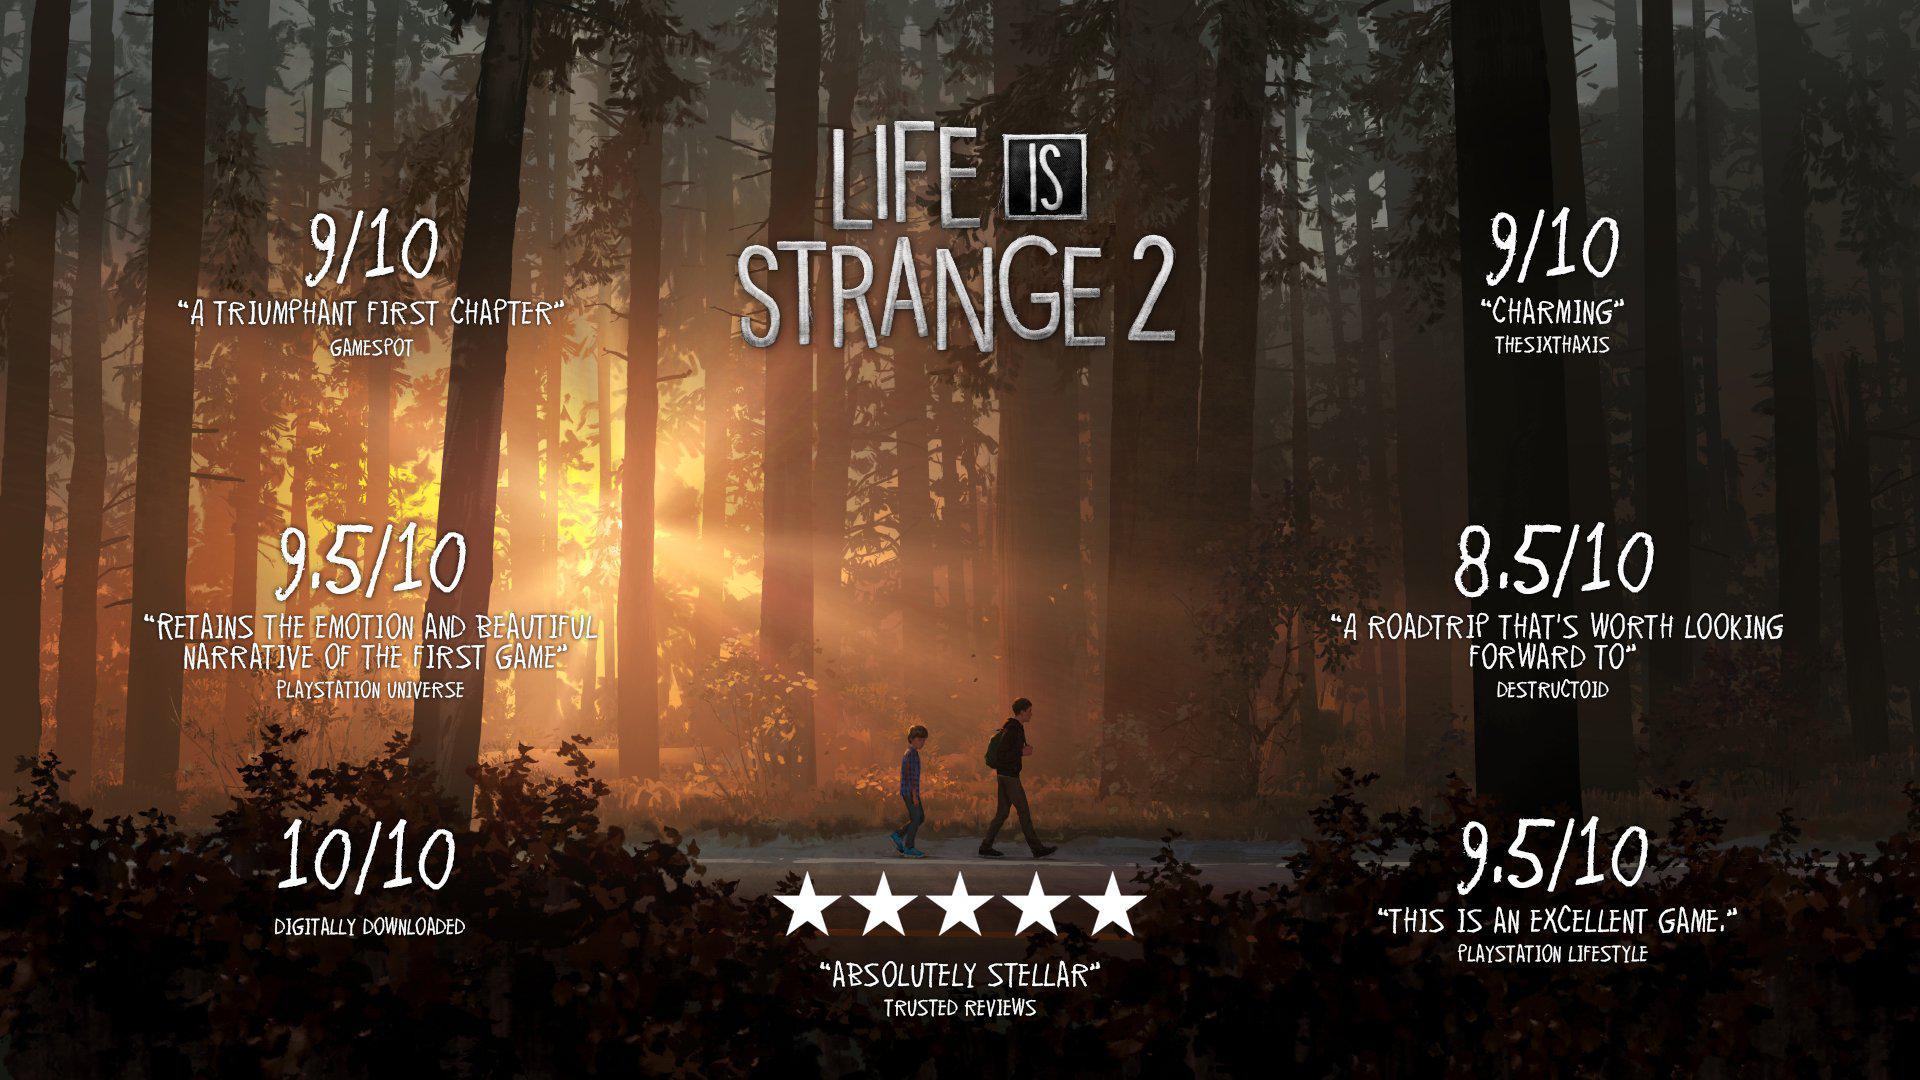 положительные рецензии от критиков (Life is Strange 2)